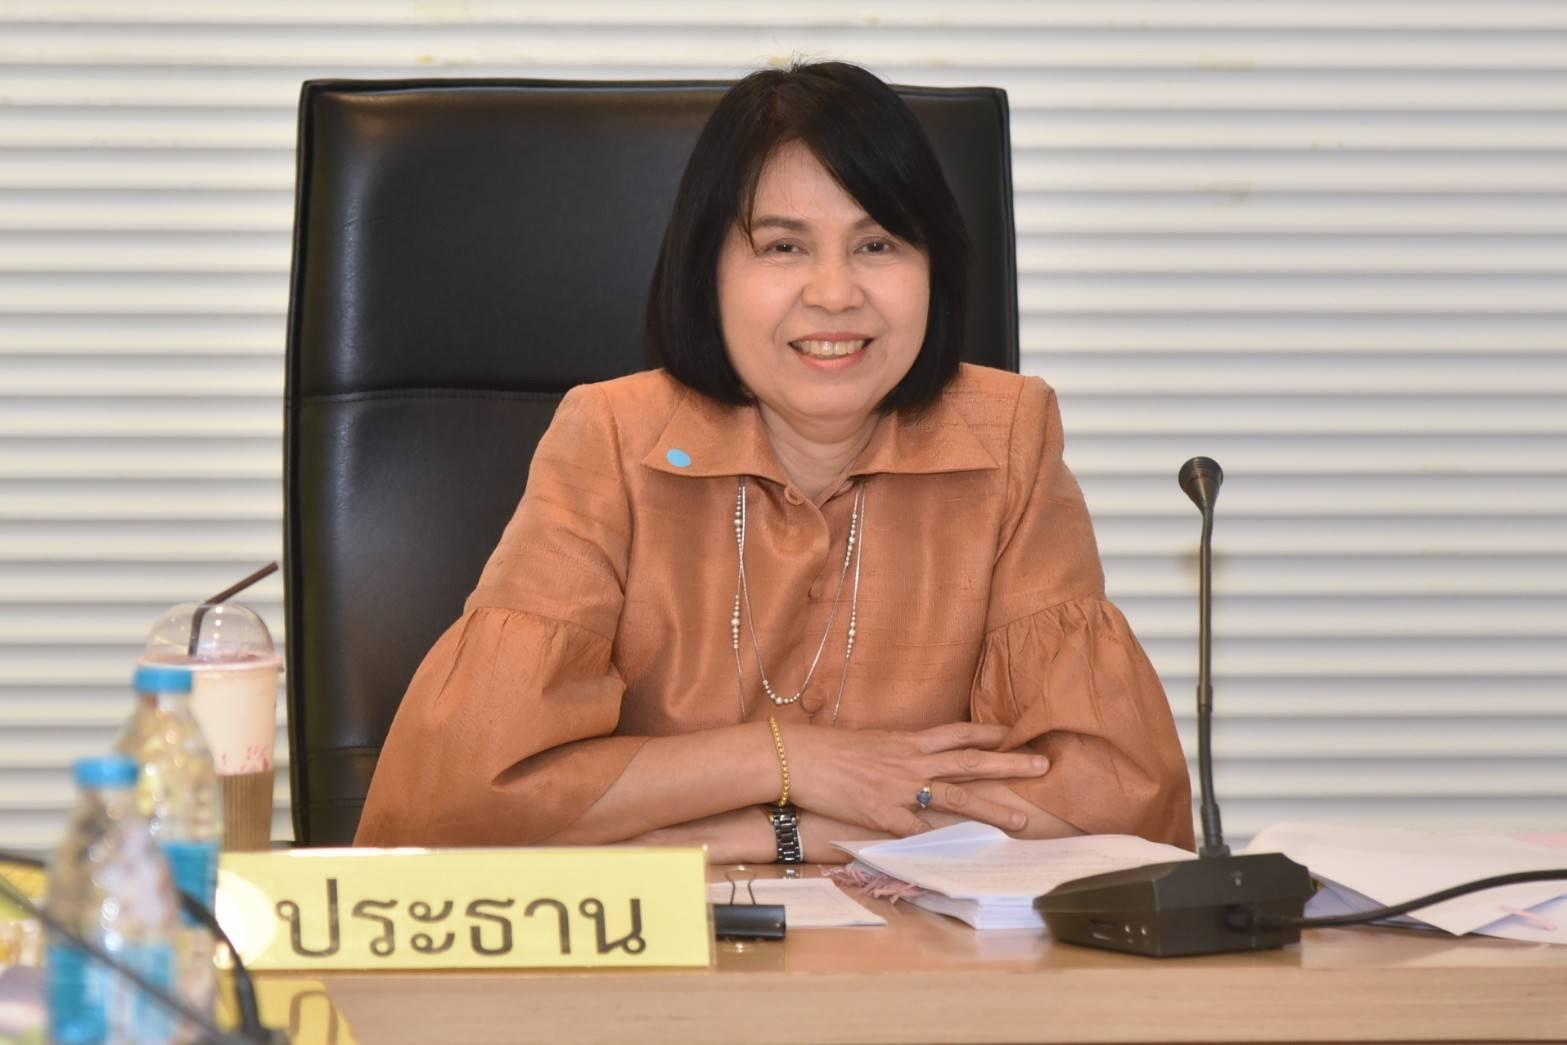 ประชุมคณะอนุกรรมการพิจารณากลั่นกรองคำร้องขอกู้ยืมเงินกองทุนเพื่อผู้รับงานไปทำที่บ้าน ครั้งที่ 2/2563